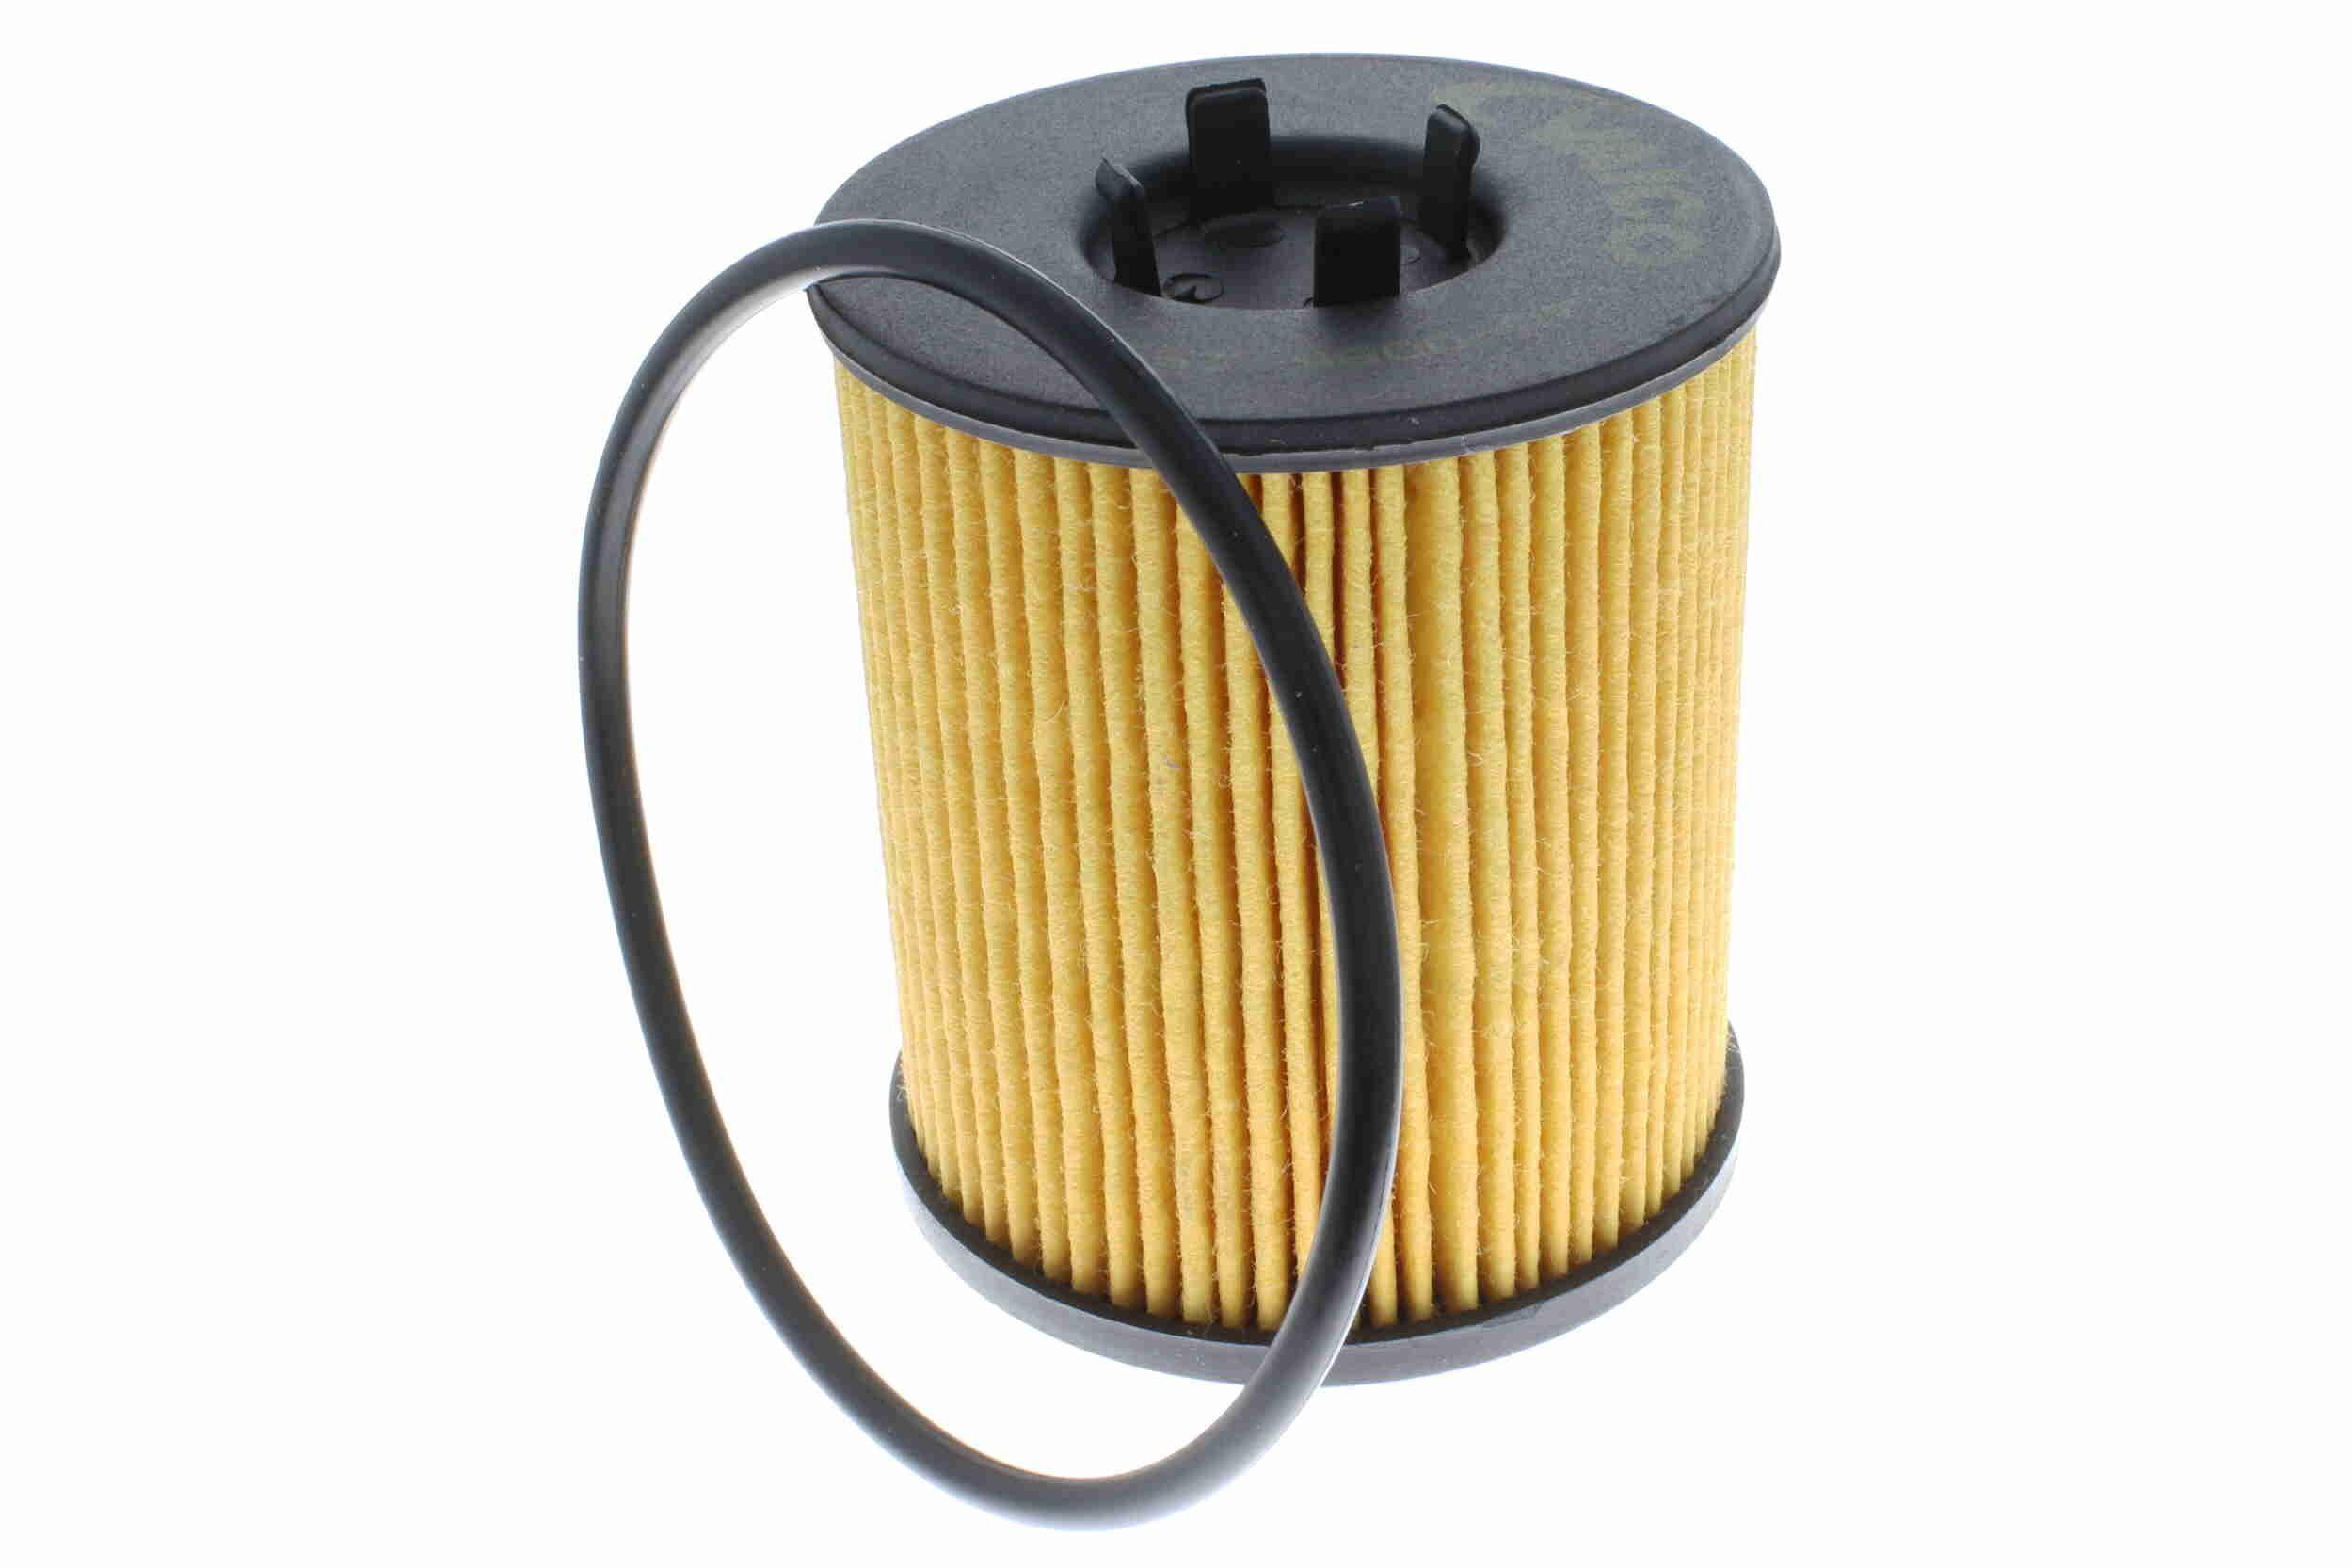 V40-0086 VAICO Filtereinsatz, Original VAICO Qualität Innendurchmesser: 24,6mm, Innendurchmesser 2: 30mm, Ø: 59mm, Höhe: 77,5mm Ölfilter V40-0086 günstig kaufen